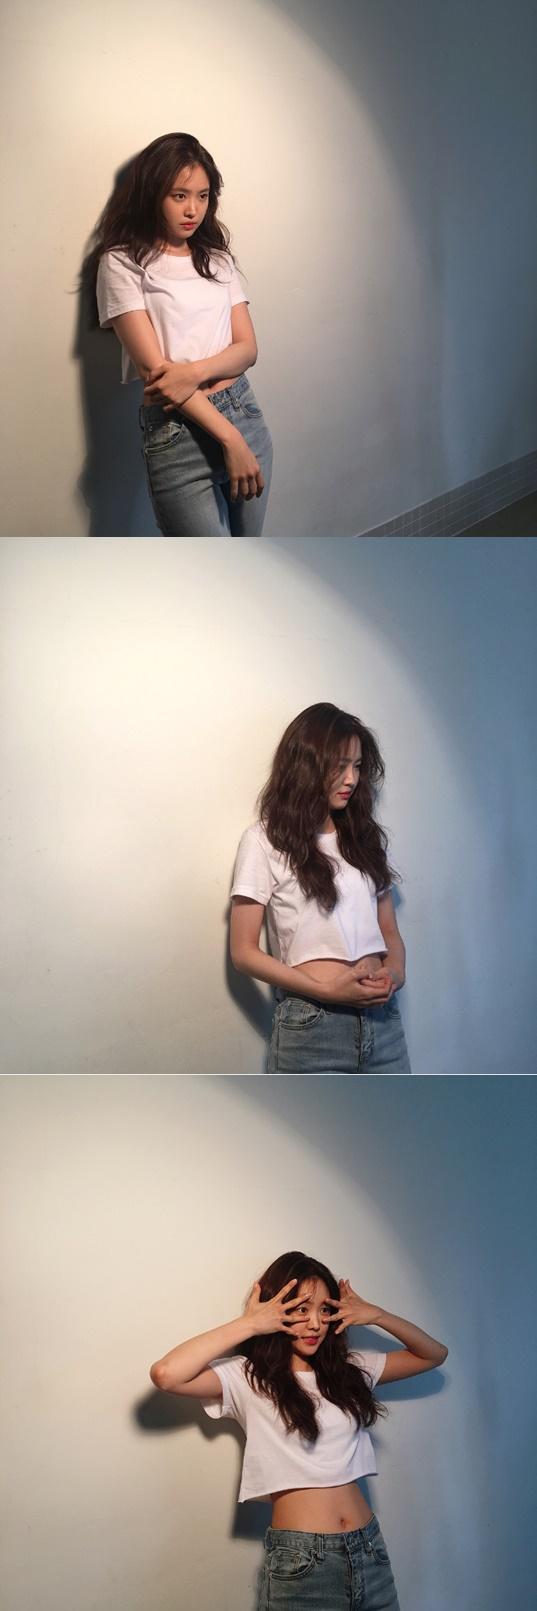 [★SNS]손나은, 흰티+청바지 남심 저격하는 분위기 여신